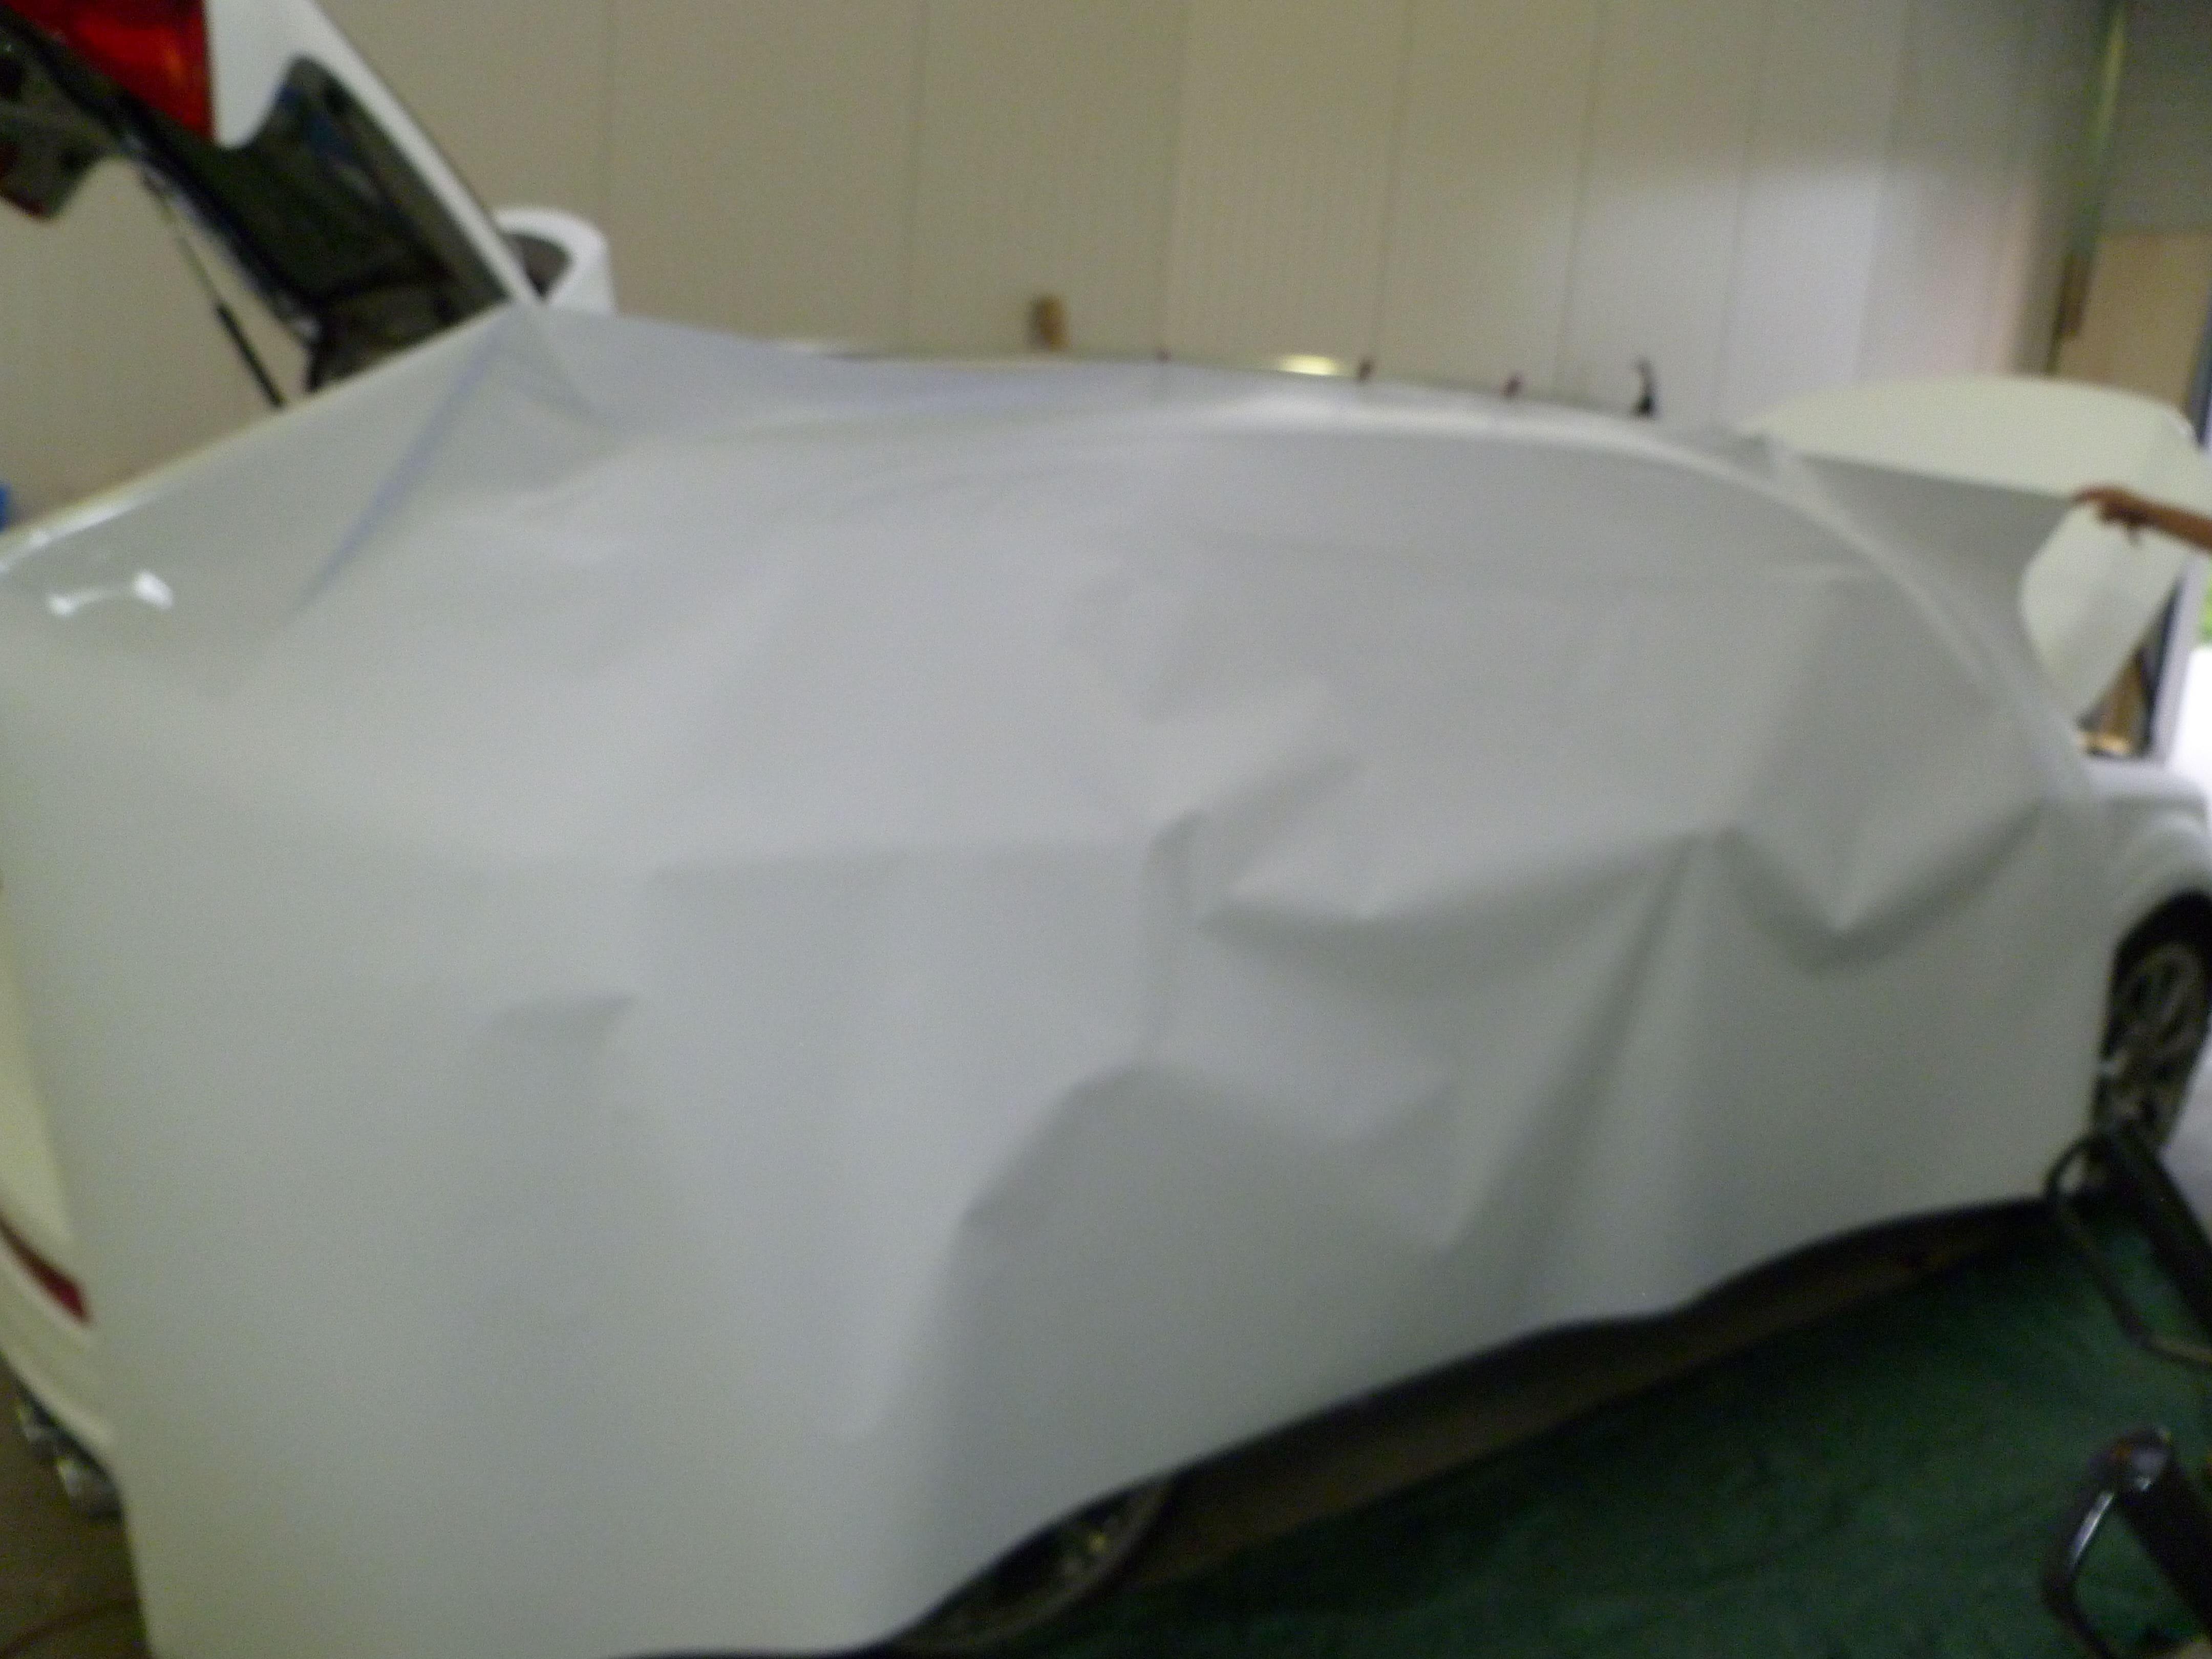 Audi Q7 met Mat Witte Wrap, Carwrapping door Wrapmyride.nu Foto-nr:5006, ©2021